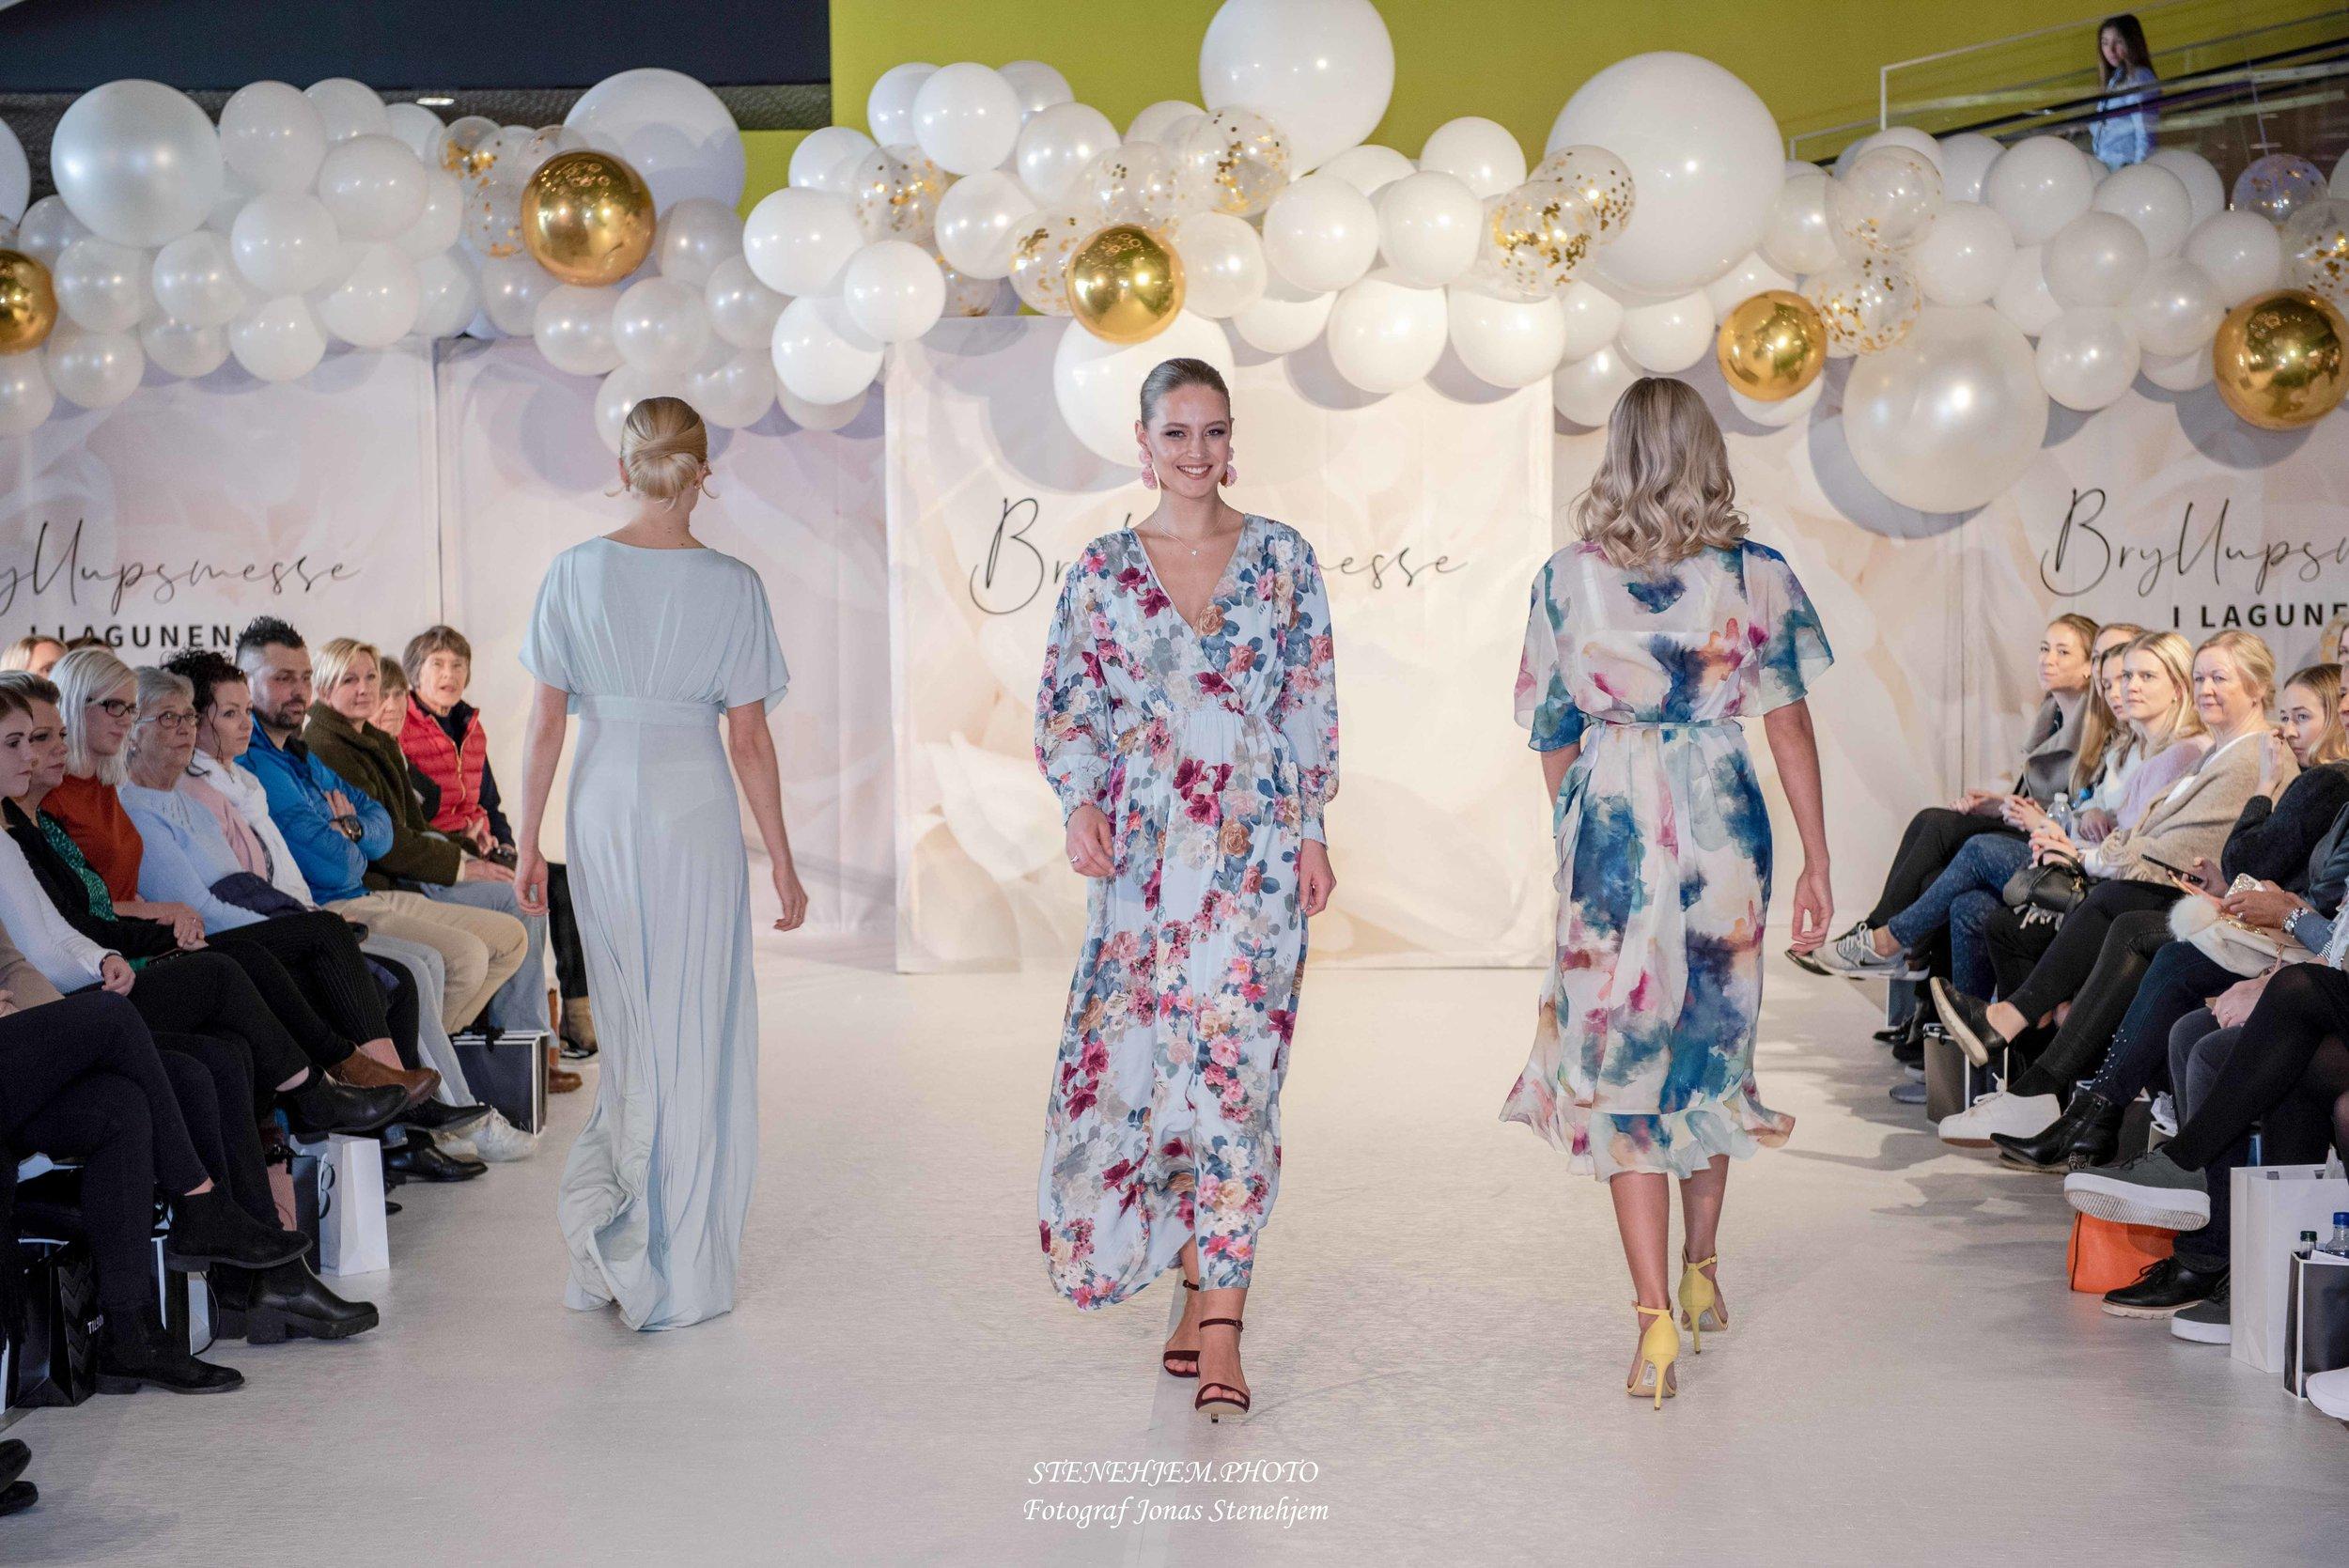 lagunen_fashion_mittaltweddingfair__003.jpg